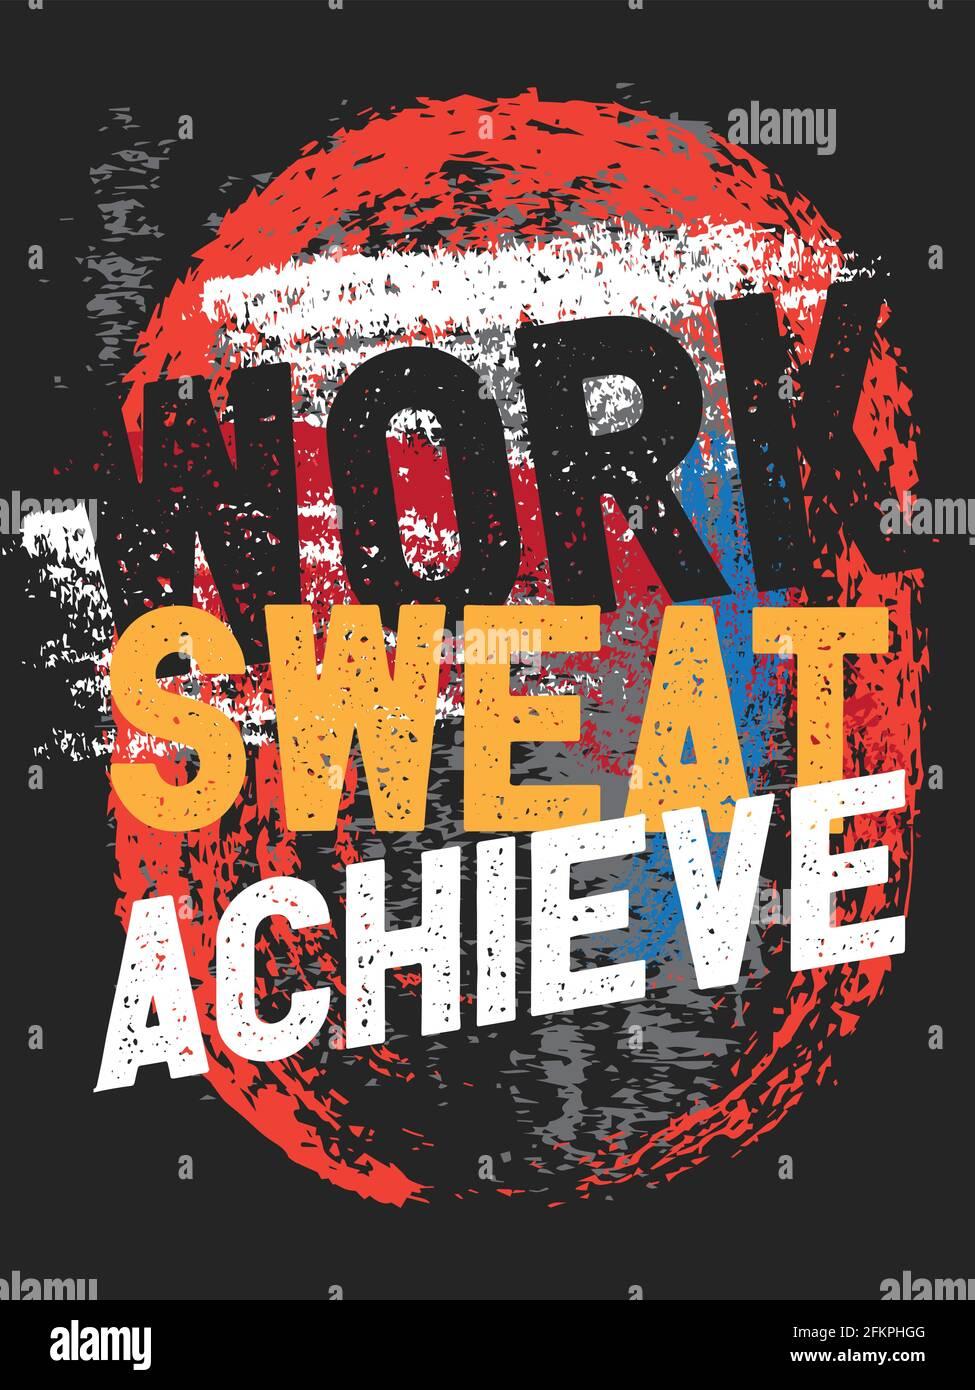 Motivierende Zitate. Inspiration Zitate Poster Design. Work Sweat ...